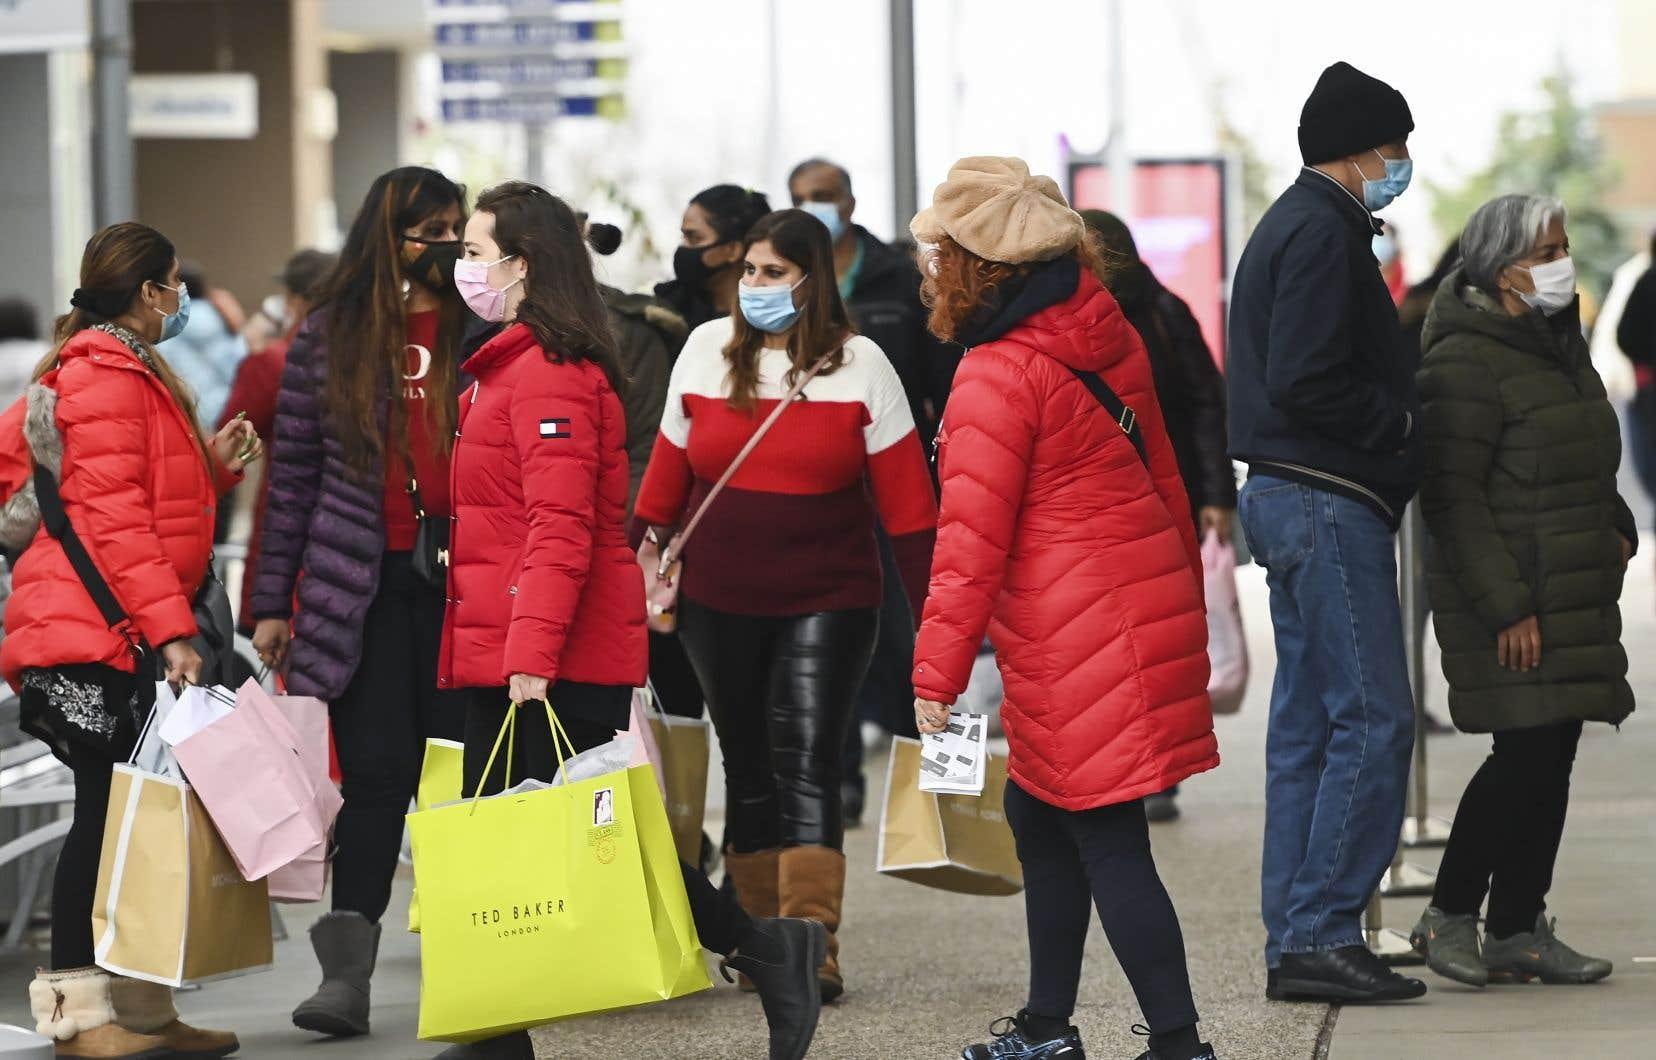 Le rebond de l'économie canadienne s'était notamment traduit par une forte hausse en trois mois de la consommation des ménages.